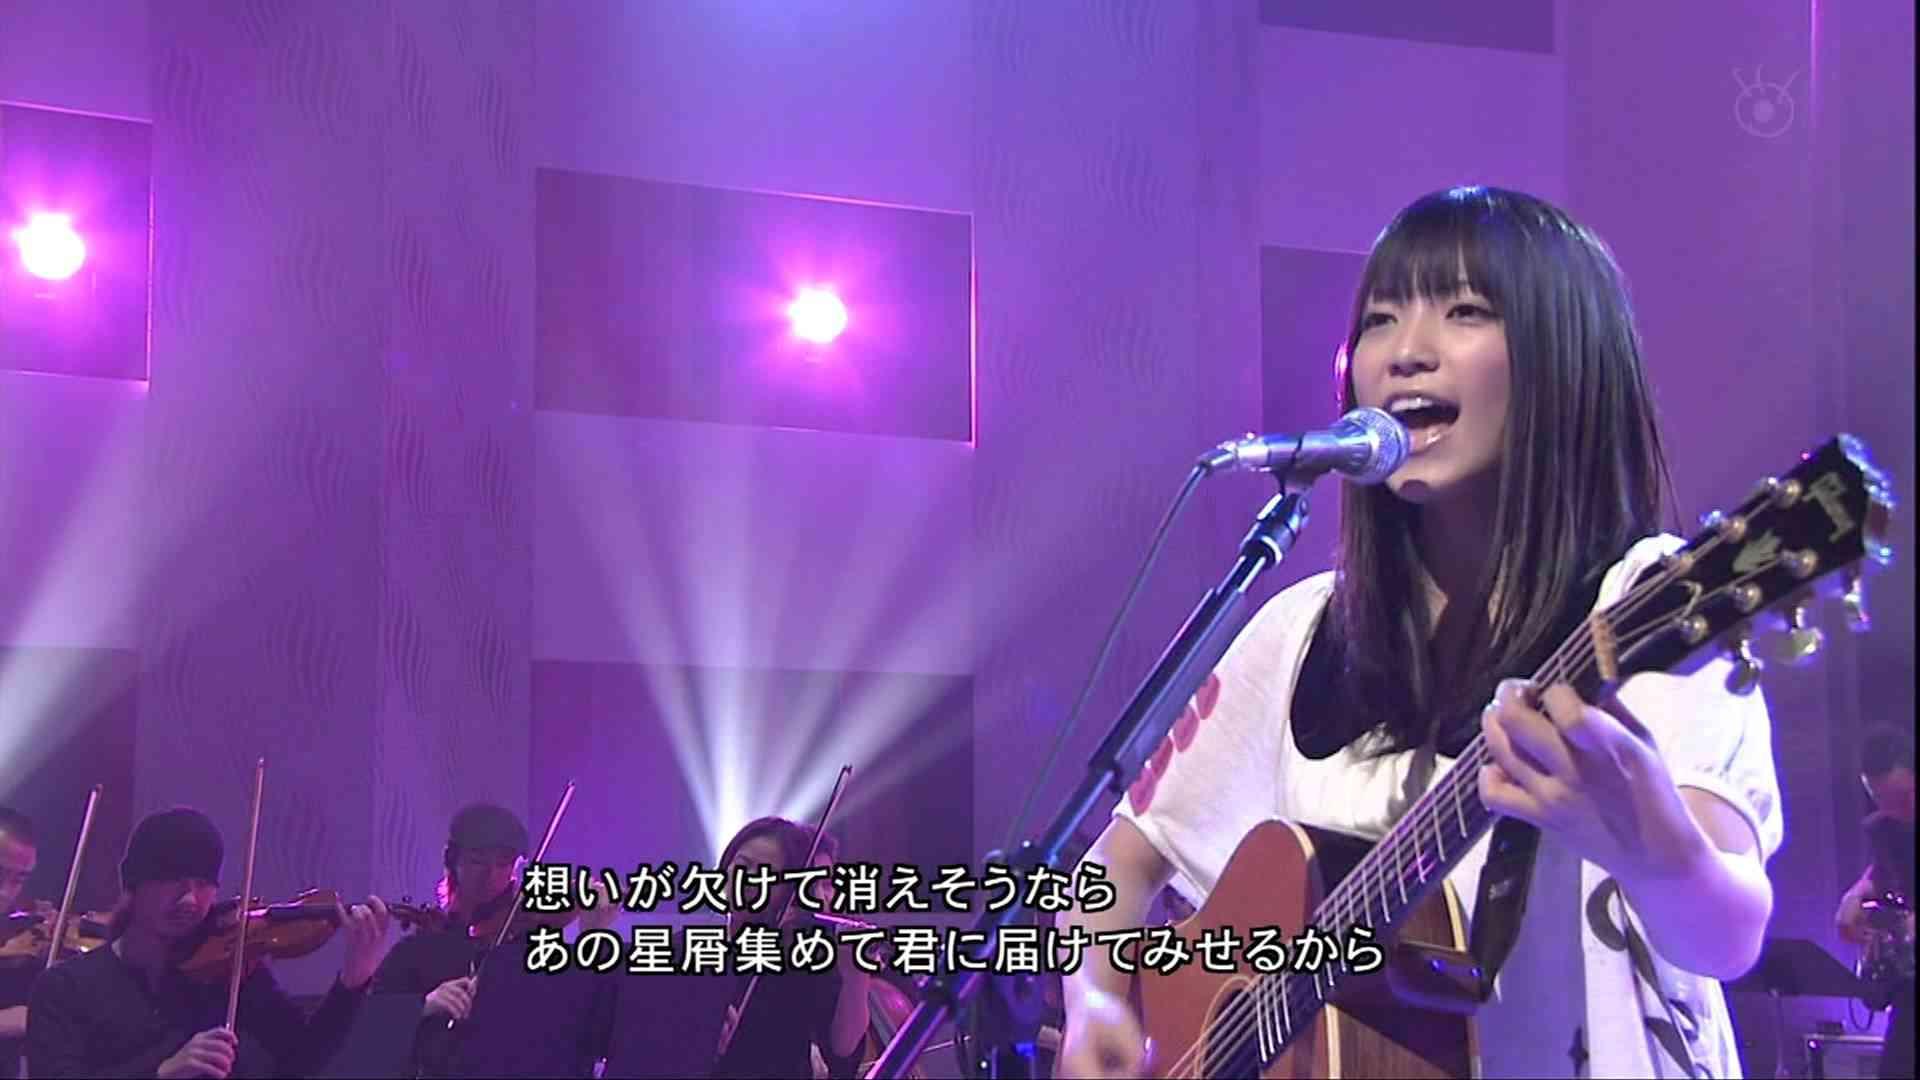 ♪オトシモノ miwa - YouTube